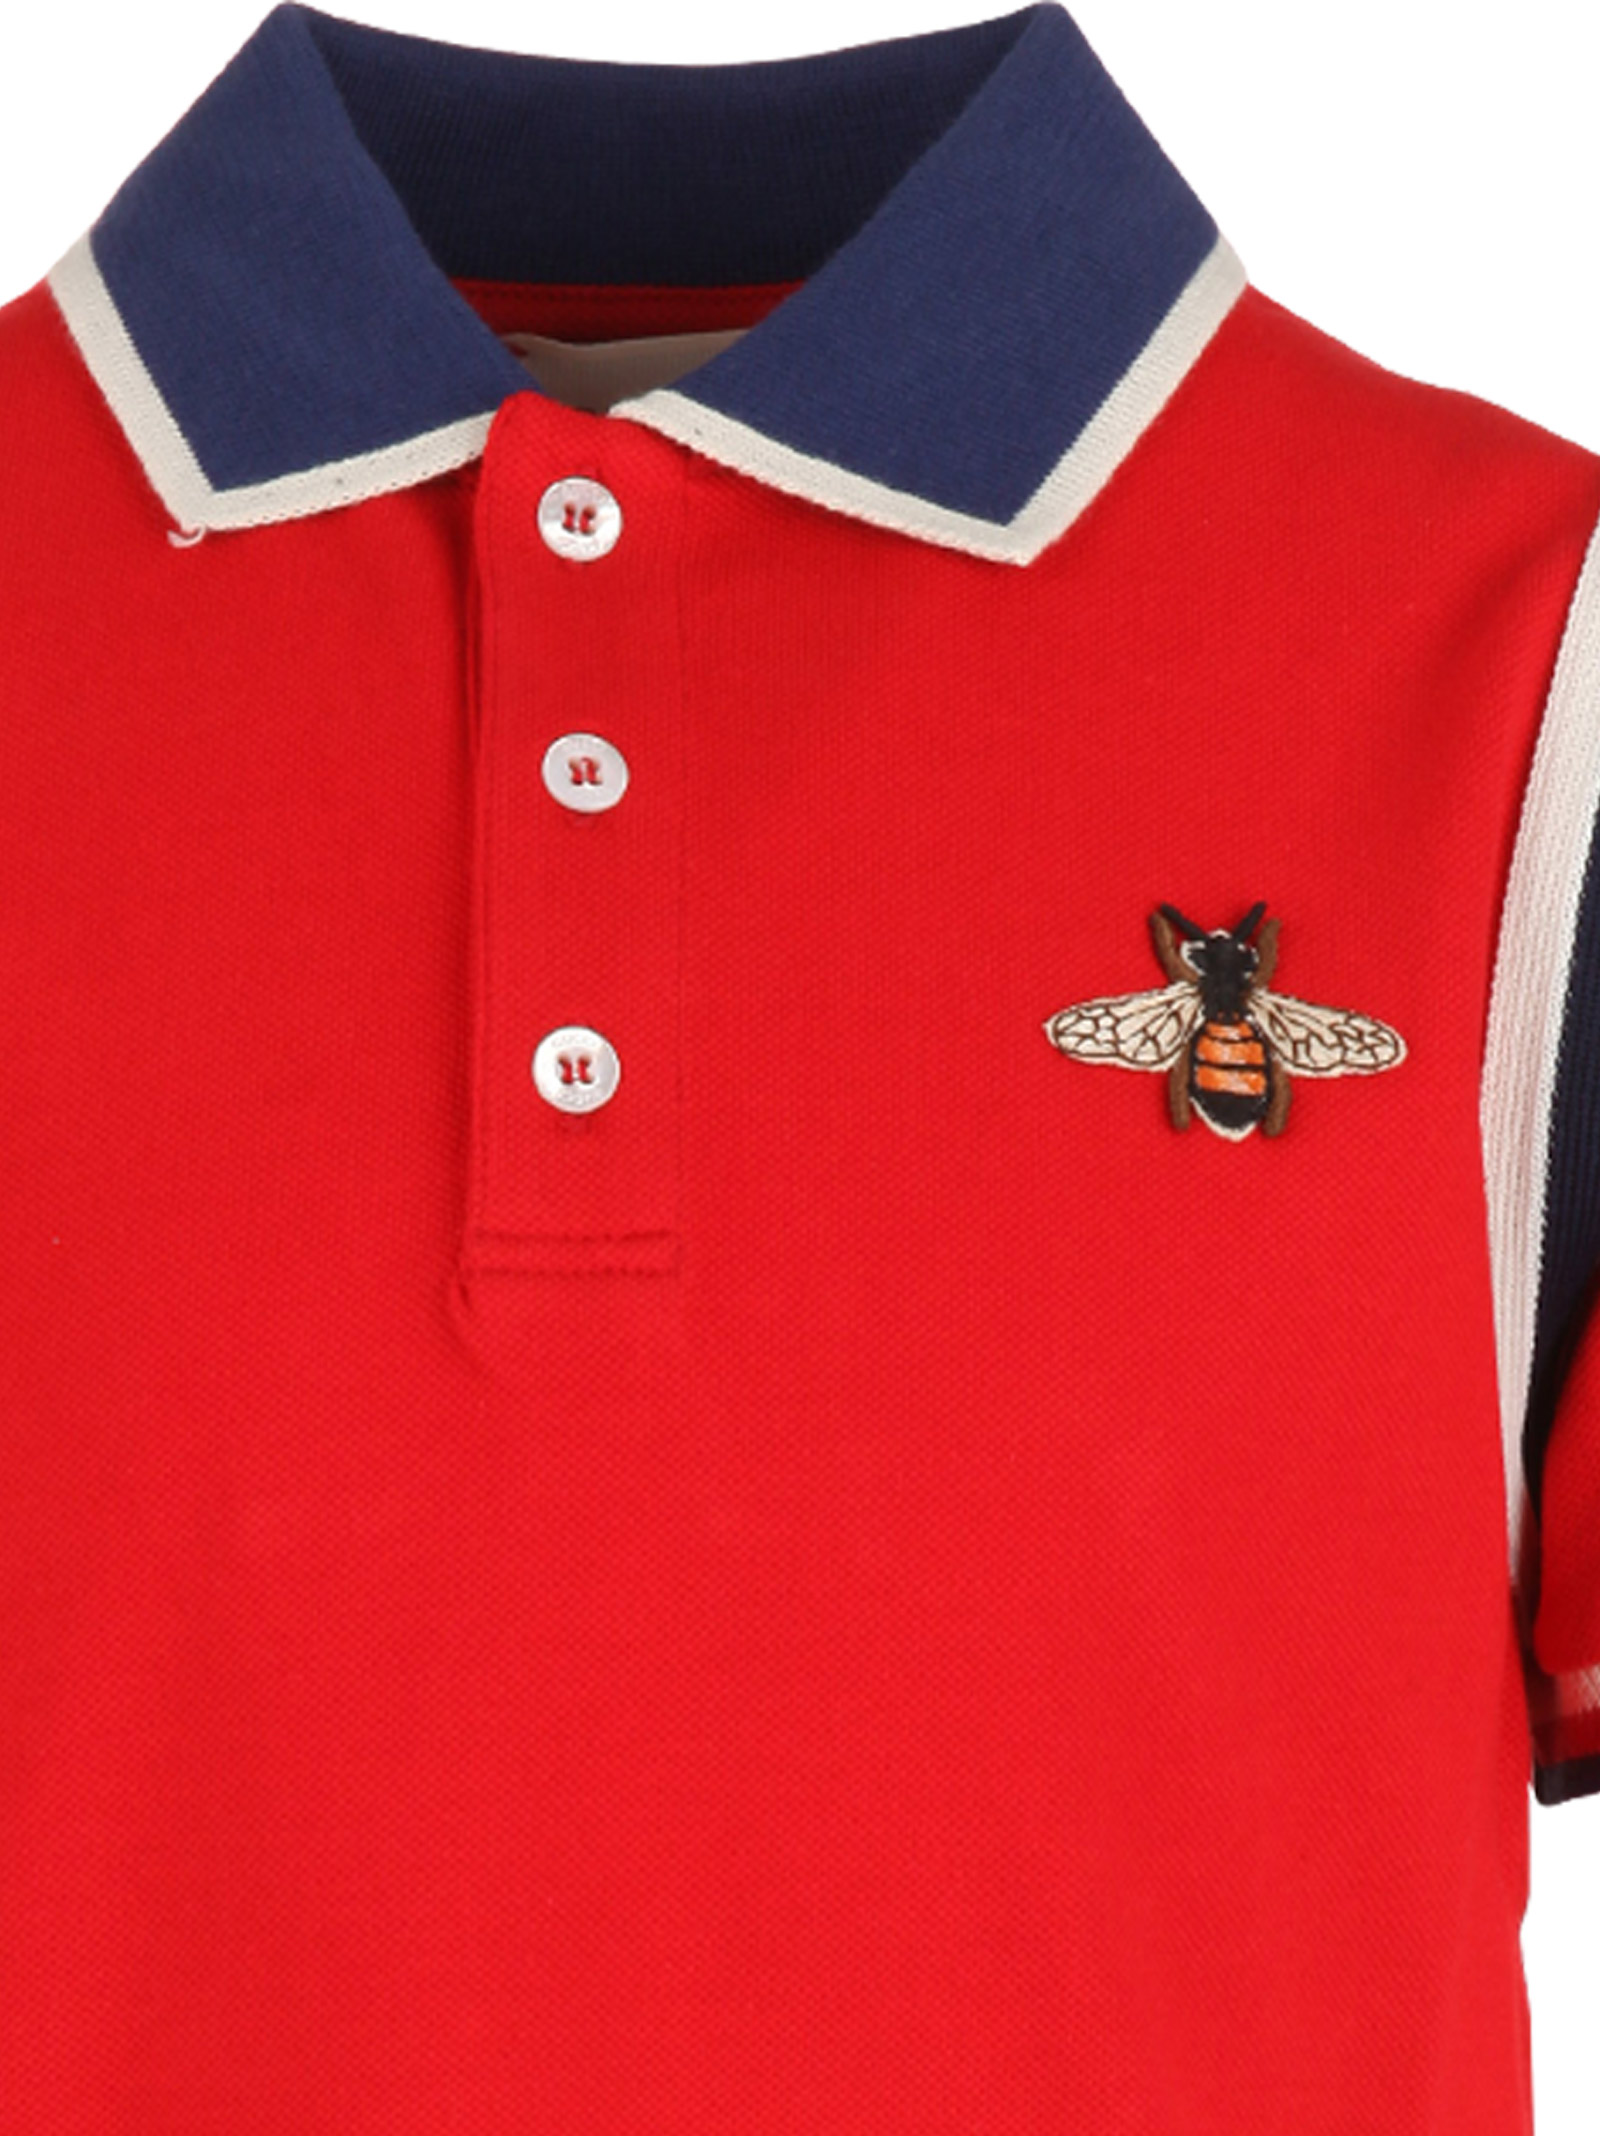 02e1da3544 Gucci Junior polo shirt - Gucci Junior - Michele Franzese Moda